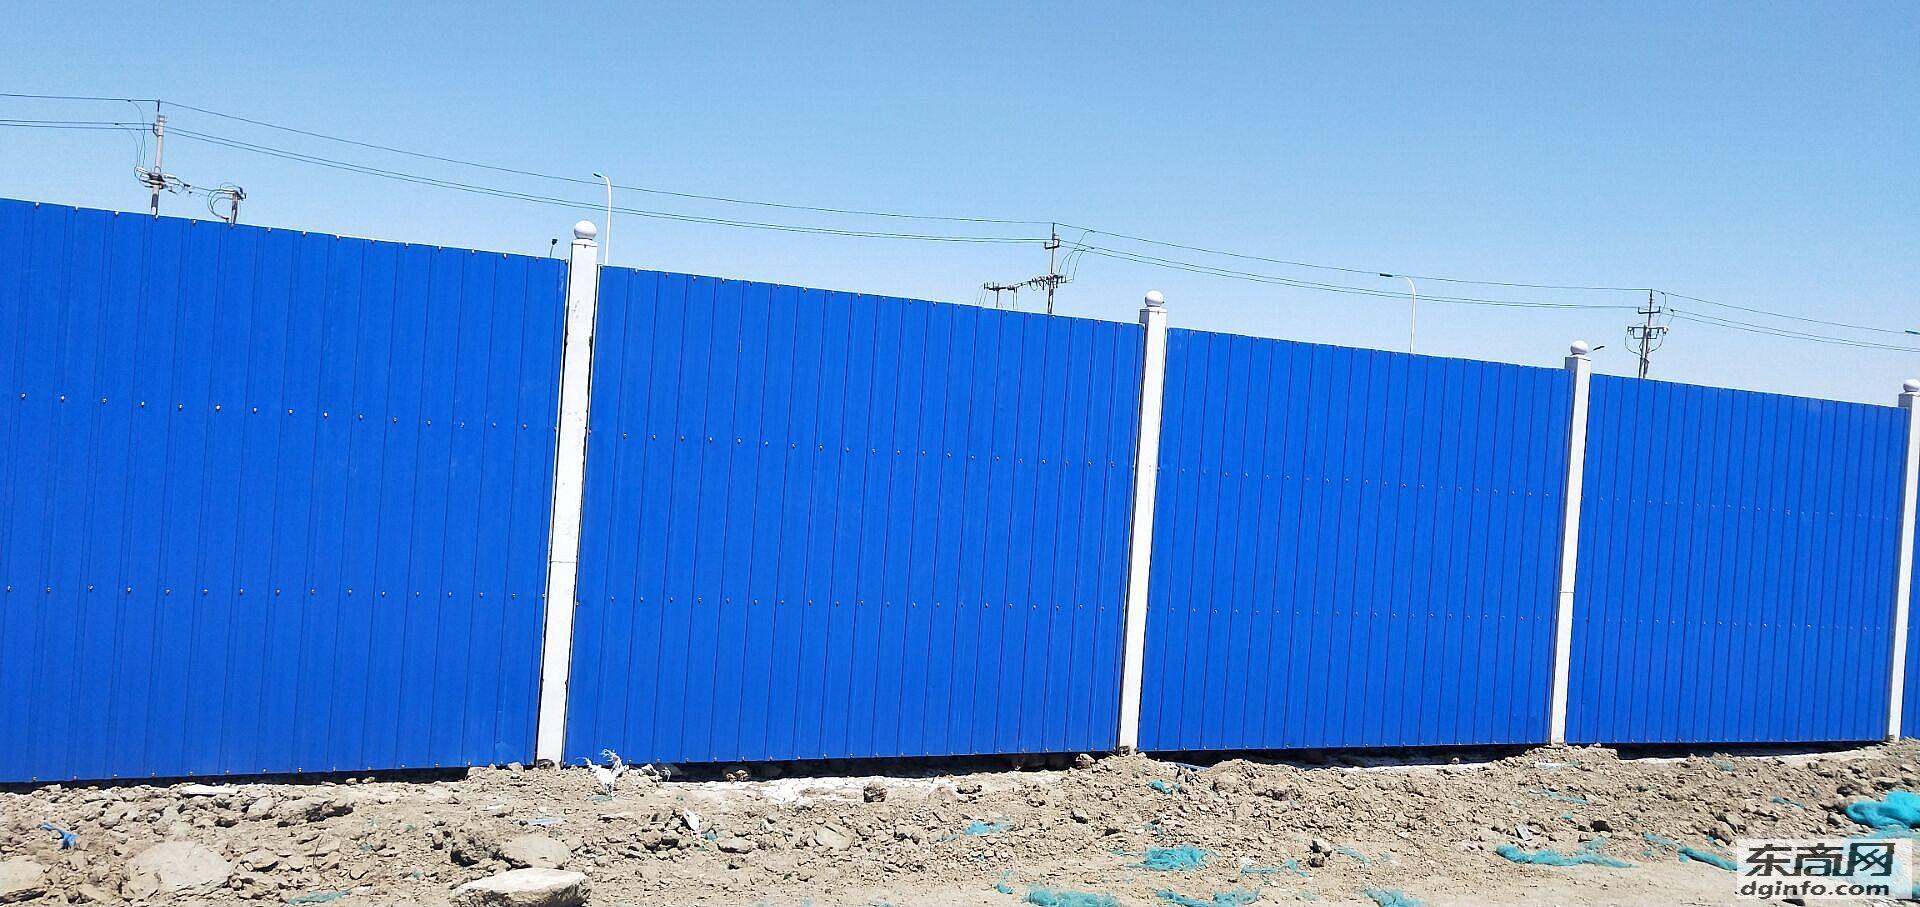 天津东丽区建筑施工围挡板直销-庆岭彩钢制品